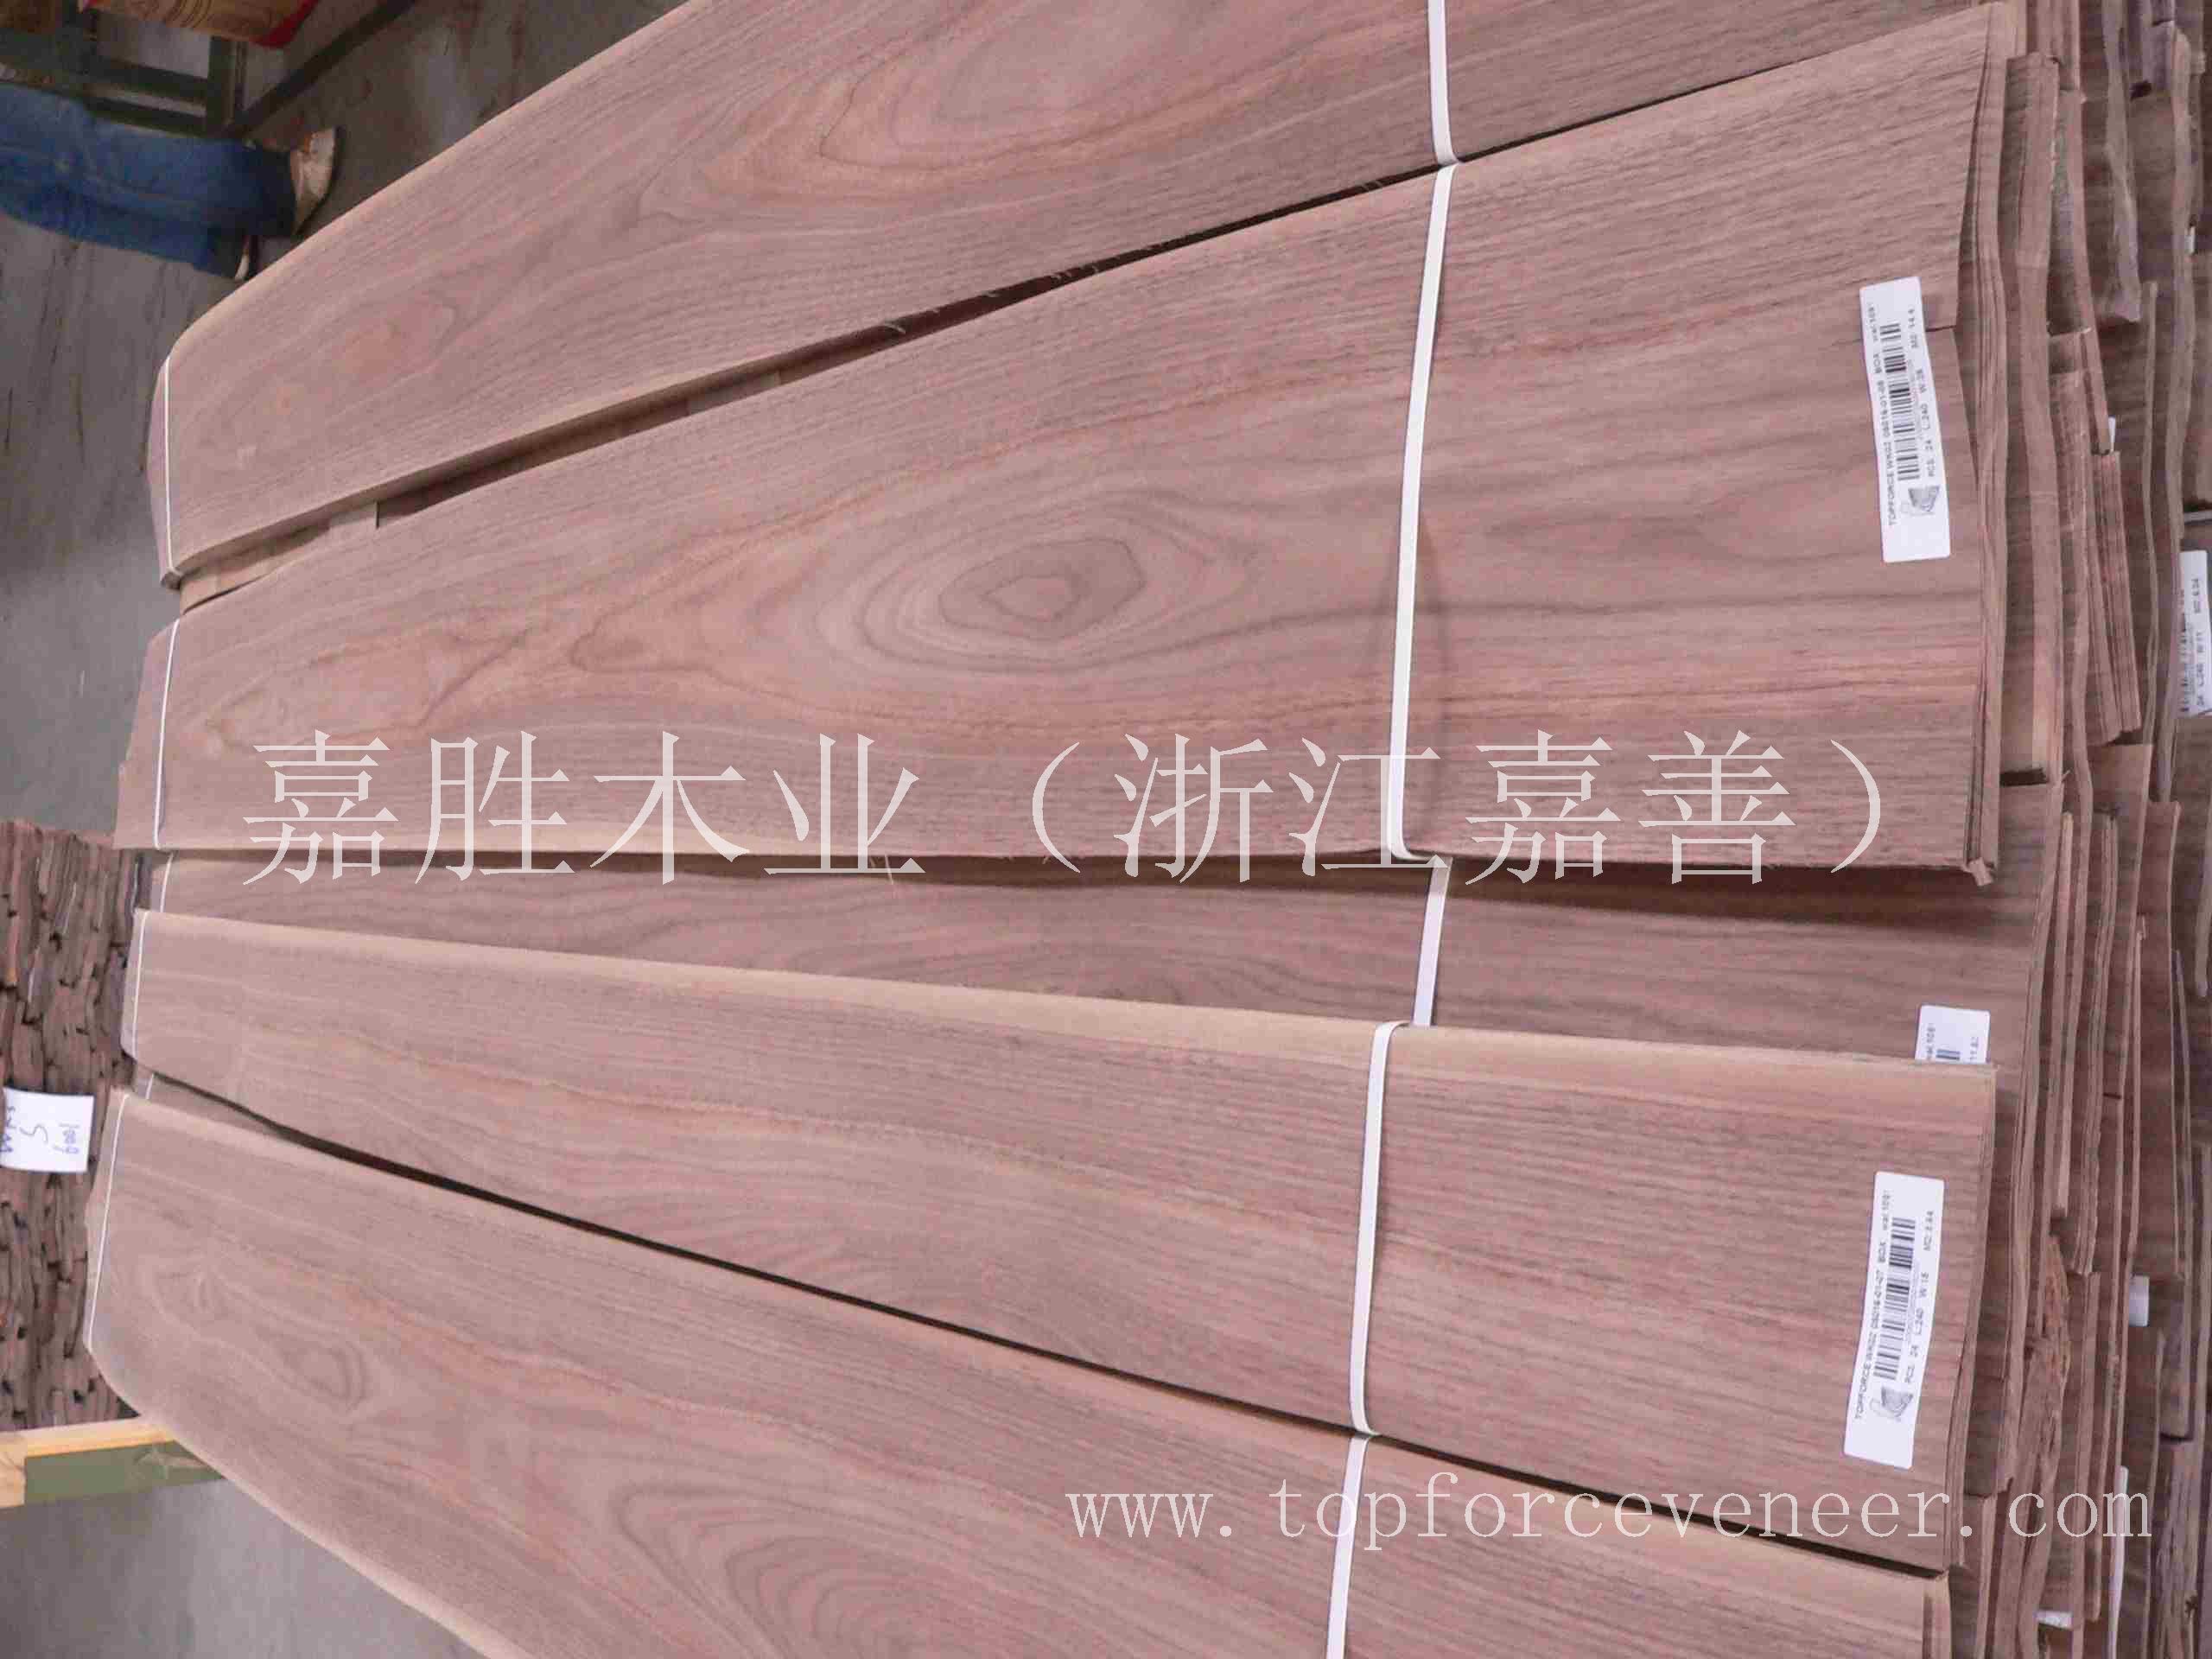 浙江黑胡桃大花山纹 ZheJiang Walnut Wild Crown Cut Plain Cut Veneer